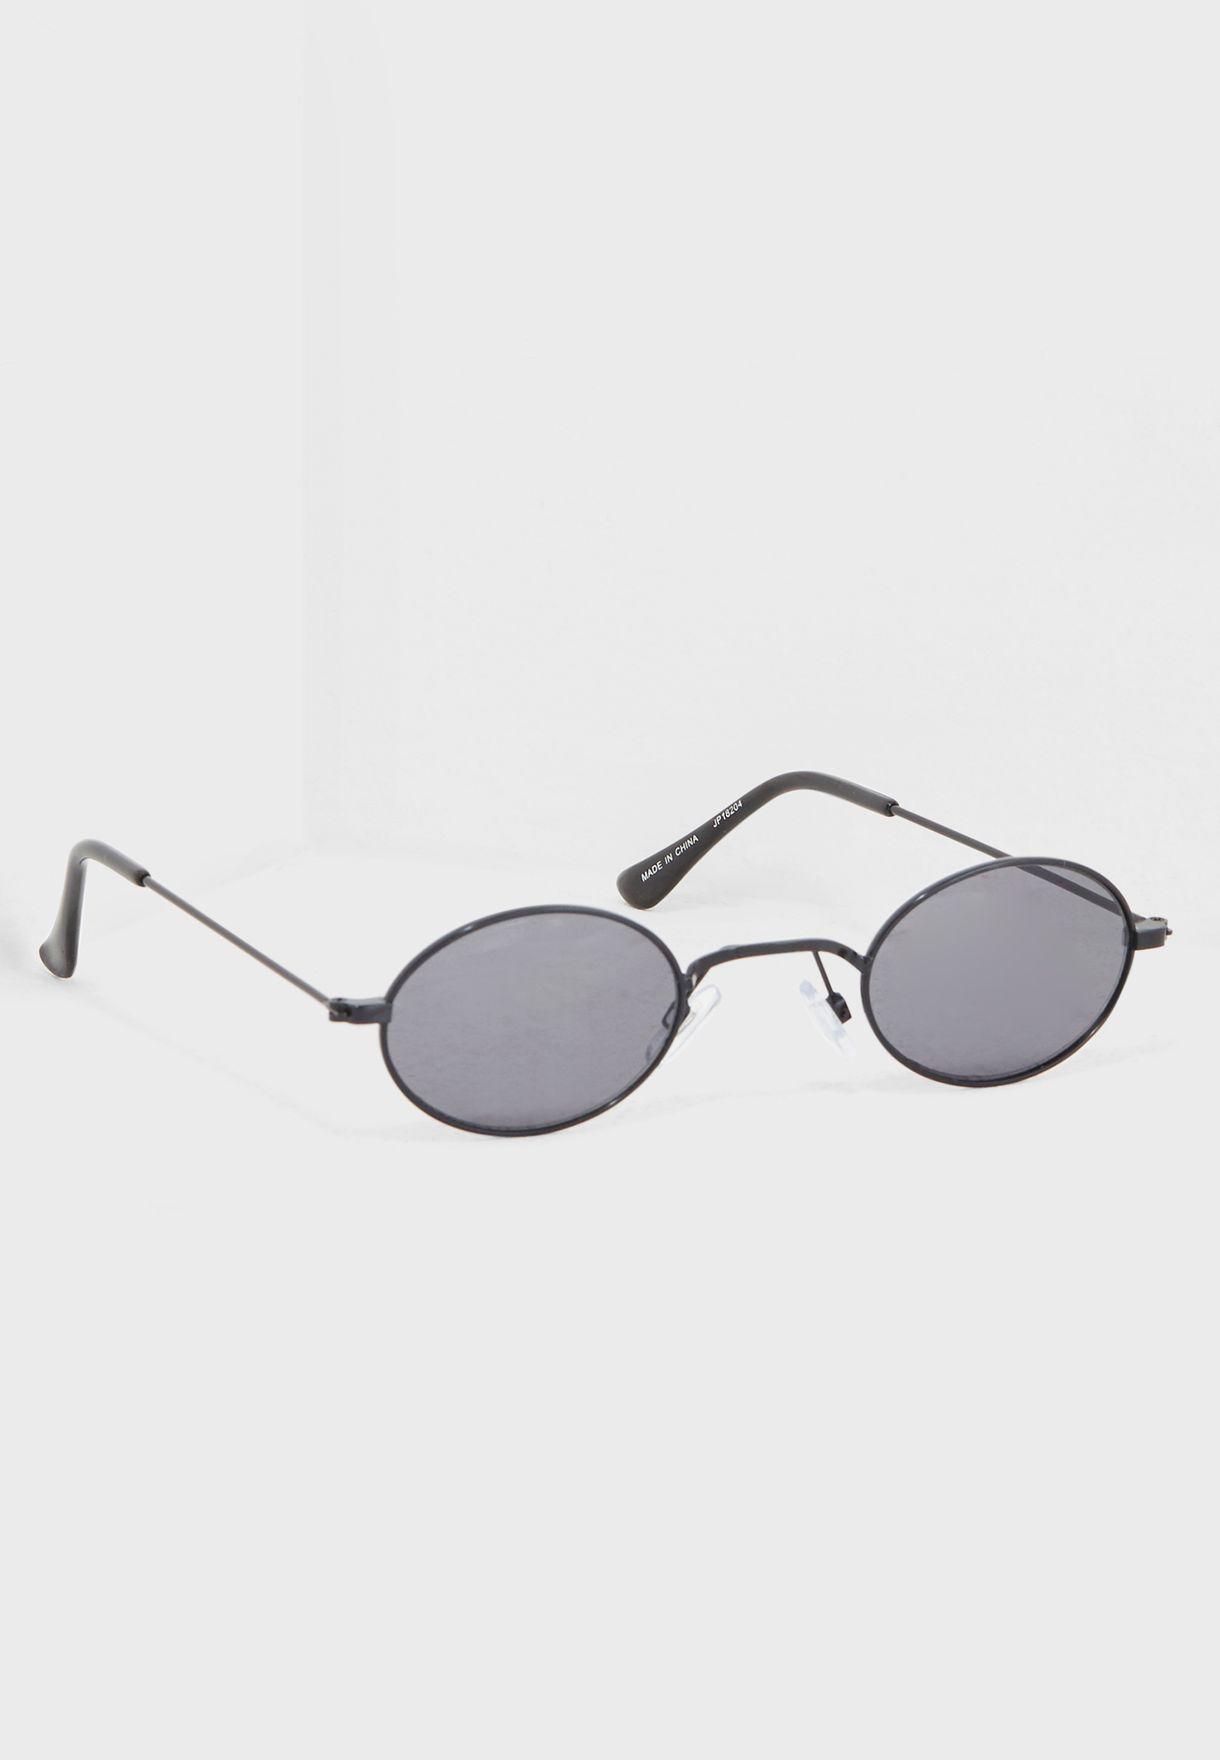 28e9c1265 تسوق نظارات شمسية دائرية صغيرة ماركة جيبيرس بيبيرس لون أسود JP18204 ...